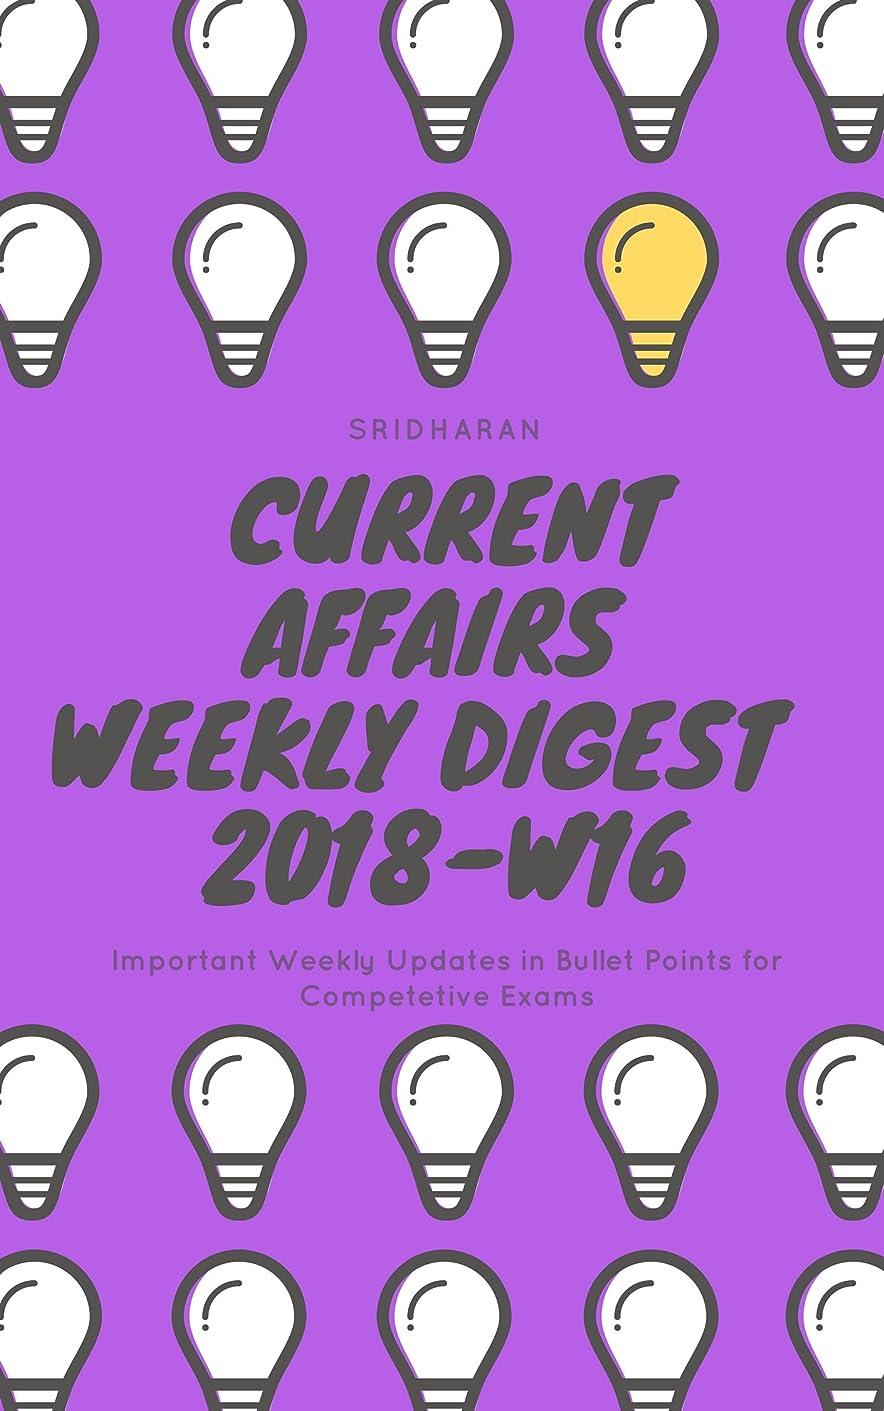 私たちの天才偶然のCurrent Affairs - Weekly Digest - 2018W16- 16th Week of 2018 - 15th Apr 2018 to 21st Apr 2018 (English Edition)